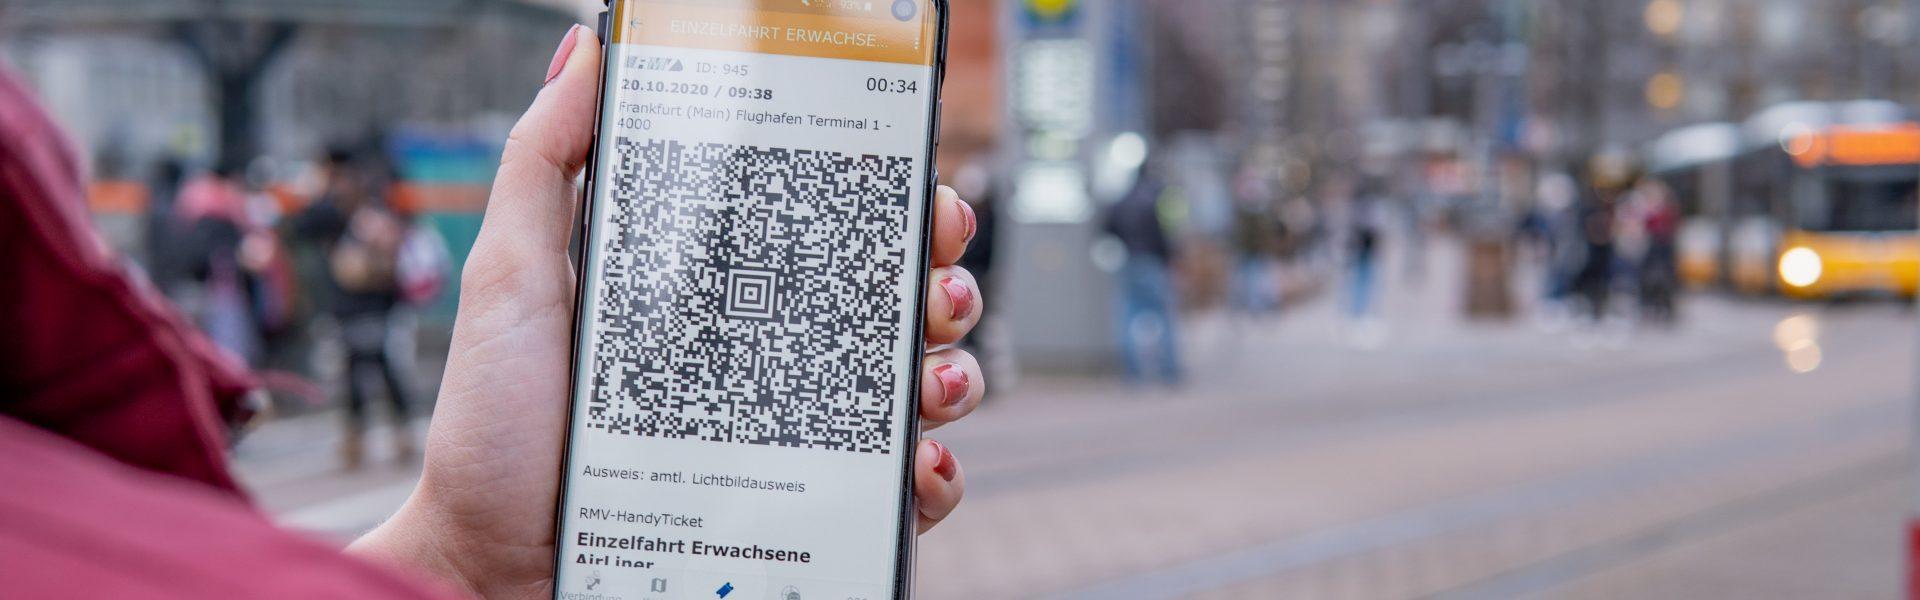 Header Bild Die HEAG mobilo-App jetzt auch mit Handyticket